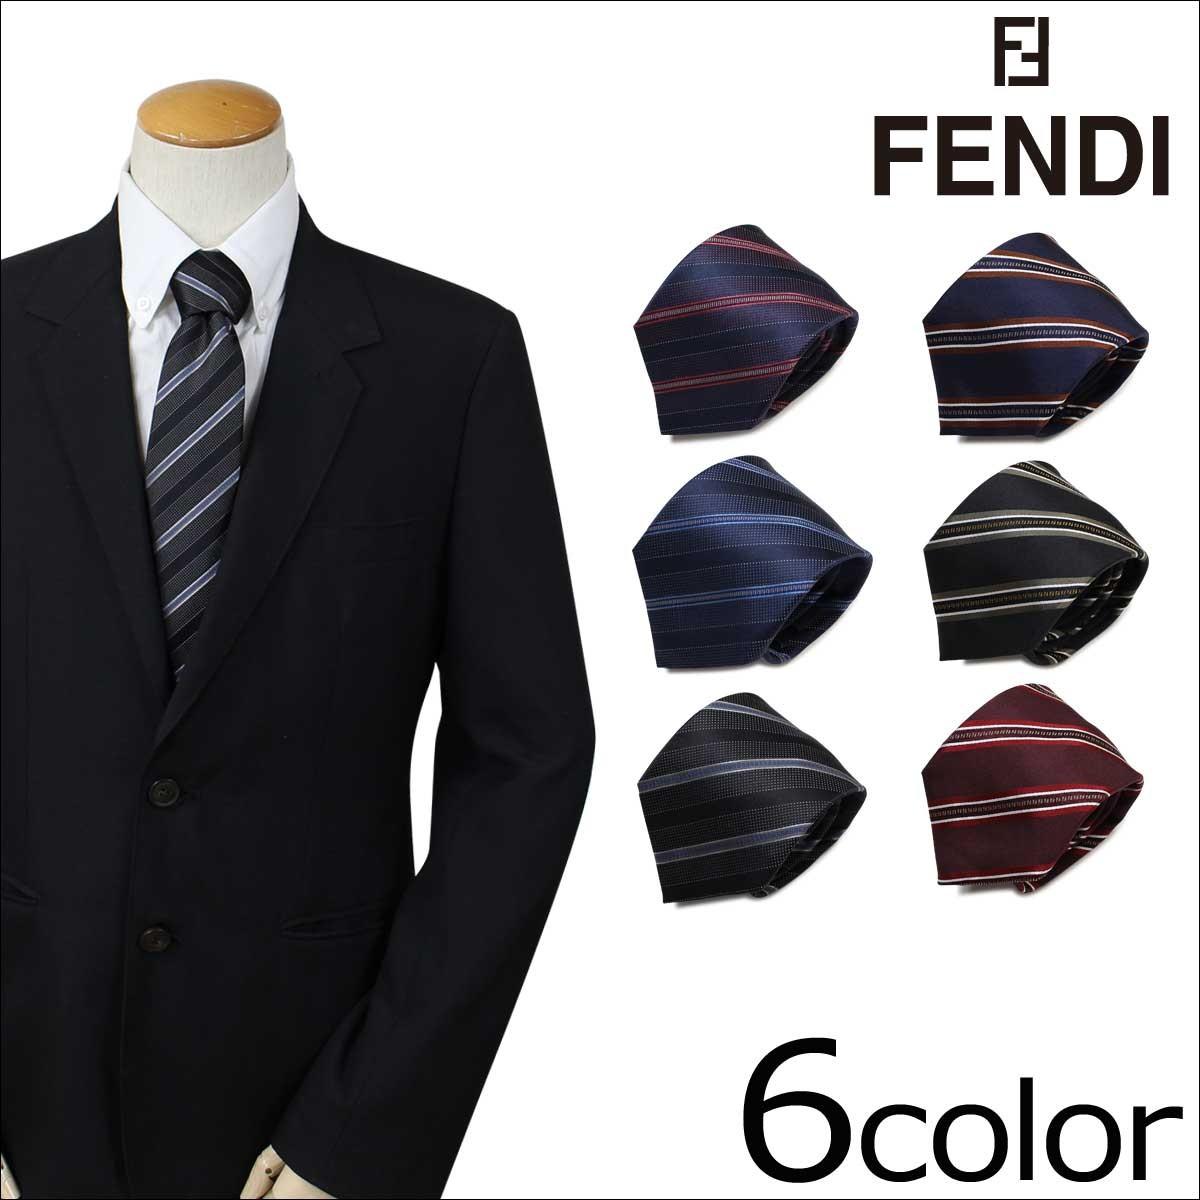 フェンディ FENDI ネクタイ シルク イタリア製 ビジネス 結婚式 メンズ [1/25 追加入荷]